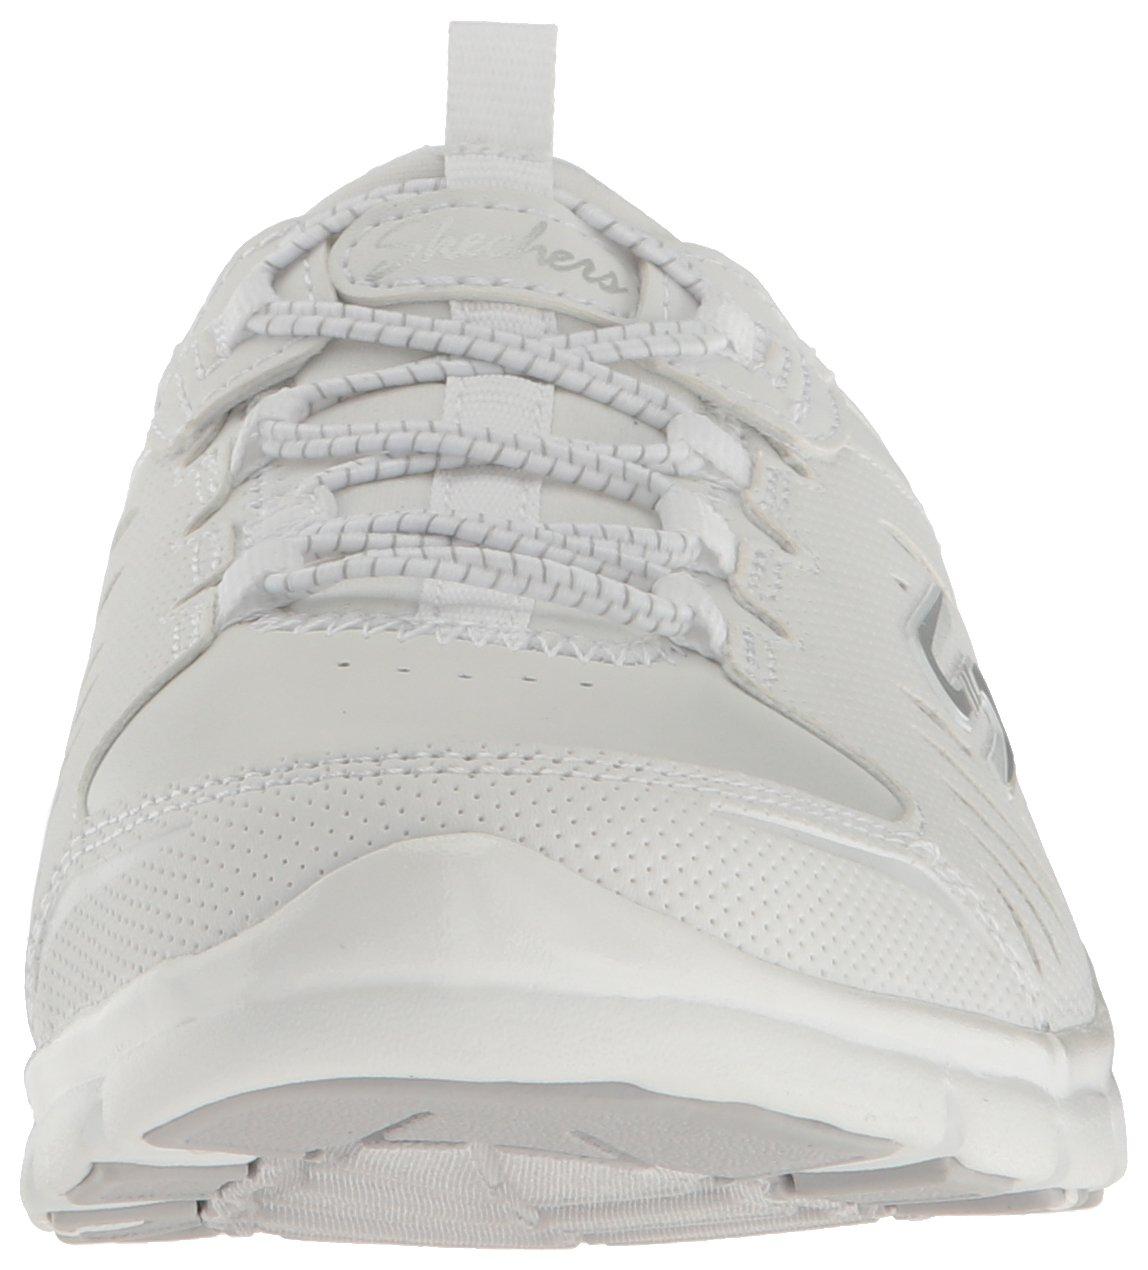 Skechers Sport Women's Gratis Optimist Fashion Sneaker B01N367V1V 8 M US|White